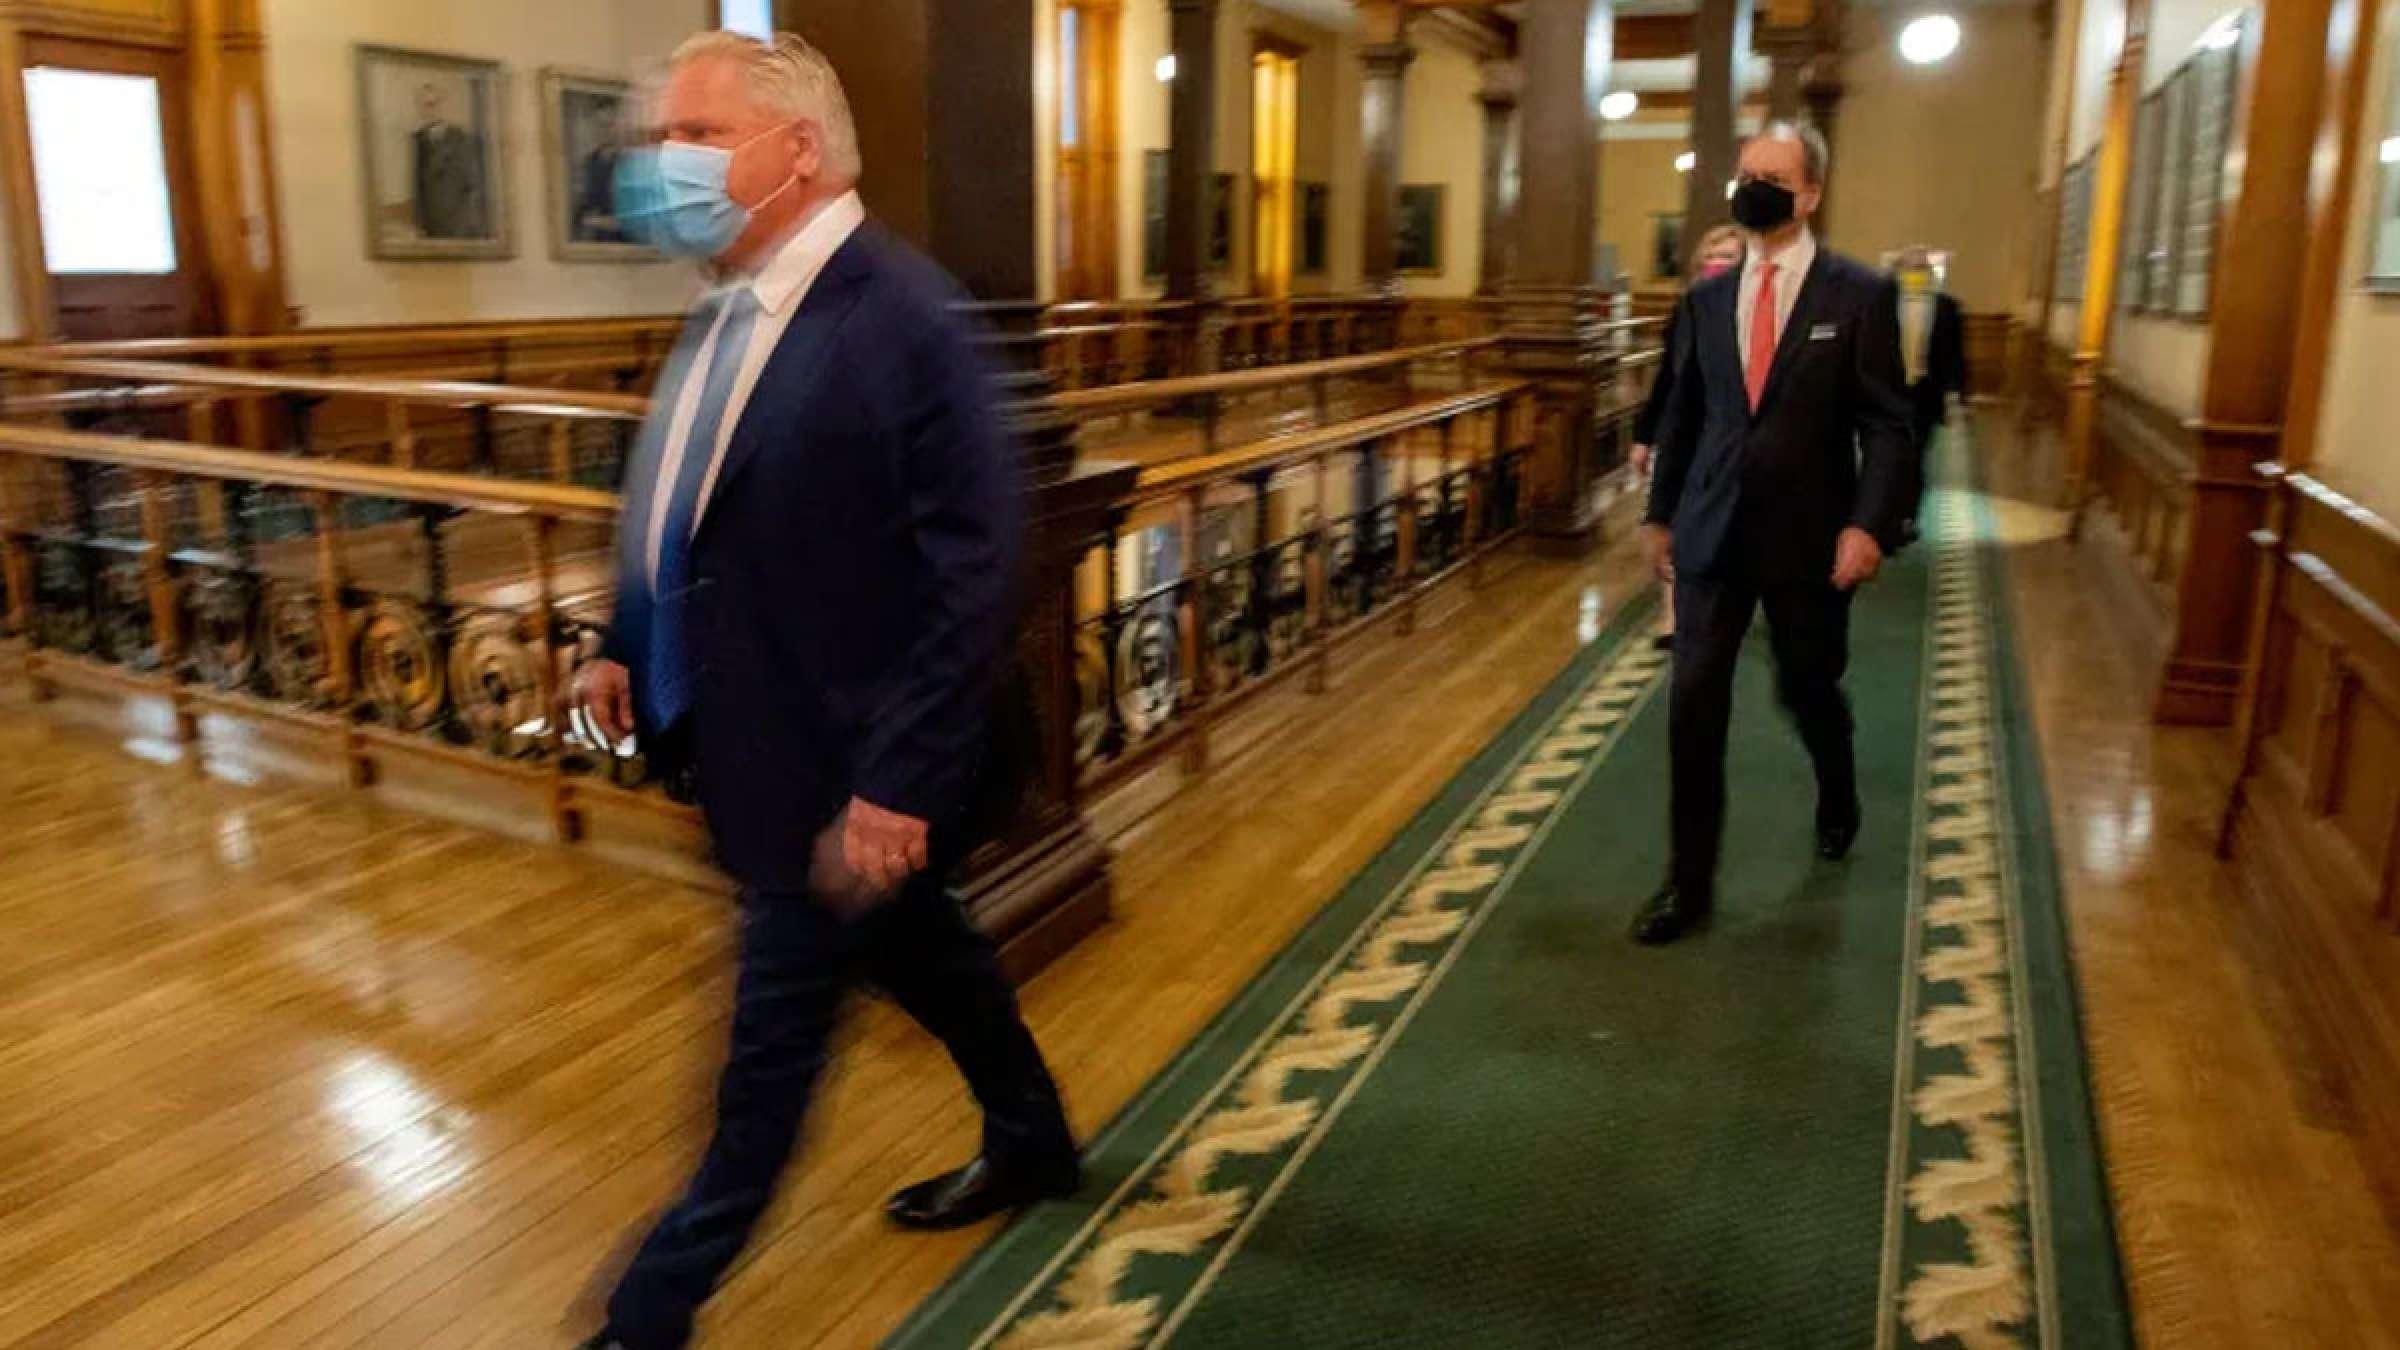 اخبار-تورنتو-وضعیت-وحشت-در-انتاریو-۱۸۰۰۰-کرونایی-روزانه-تا-آخر-مه-قانون-منع-آمد-و-شد